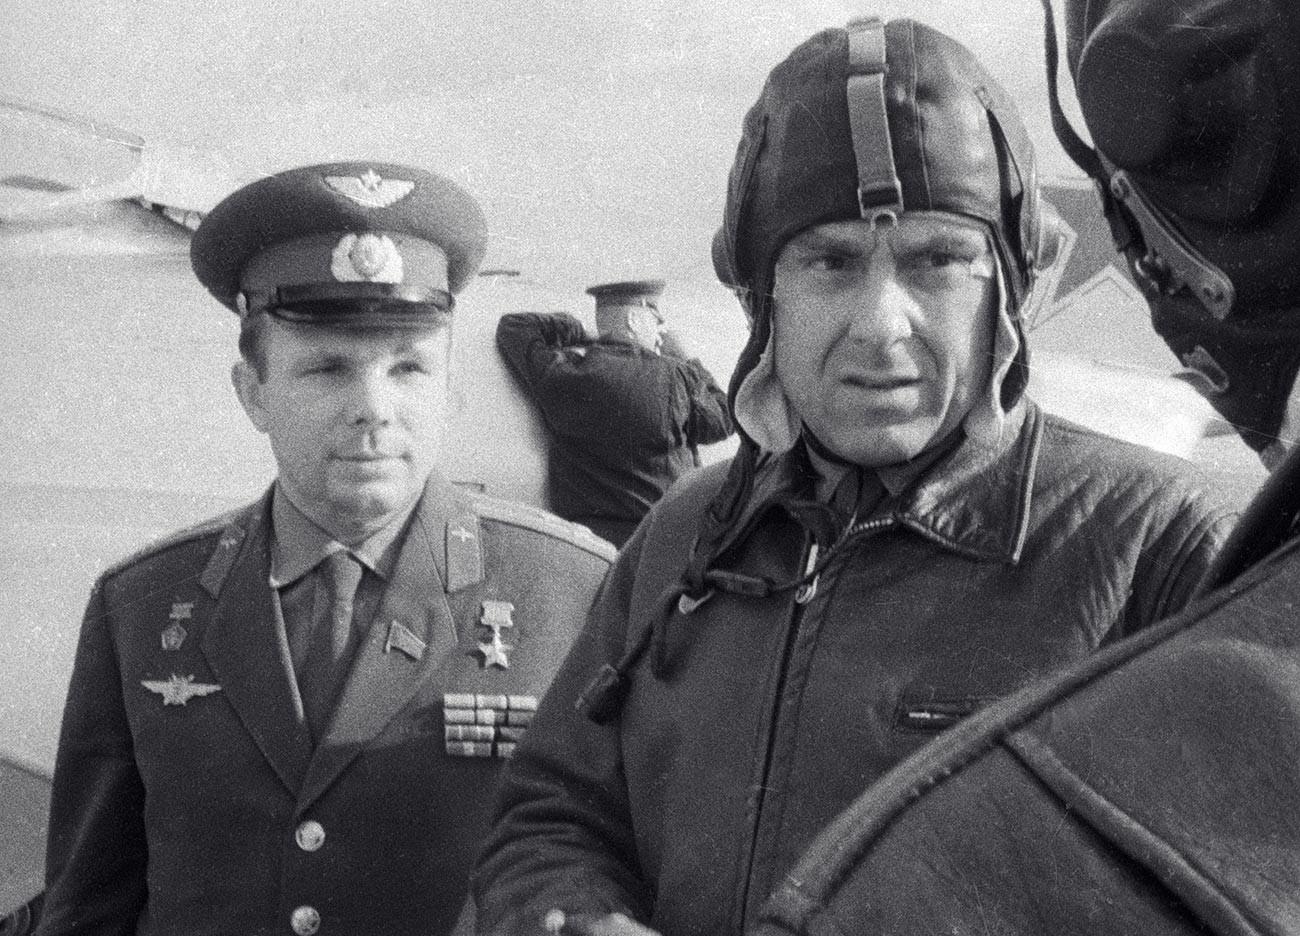 Јуриј Гагарин и Владимир Комаров